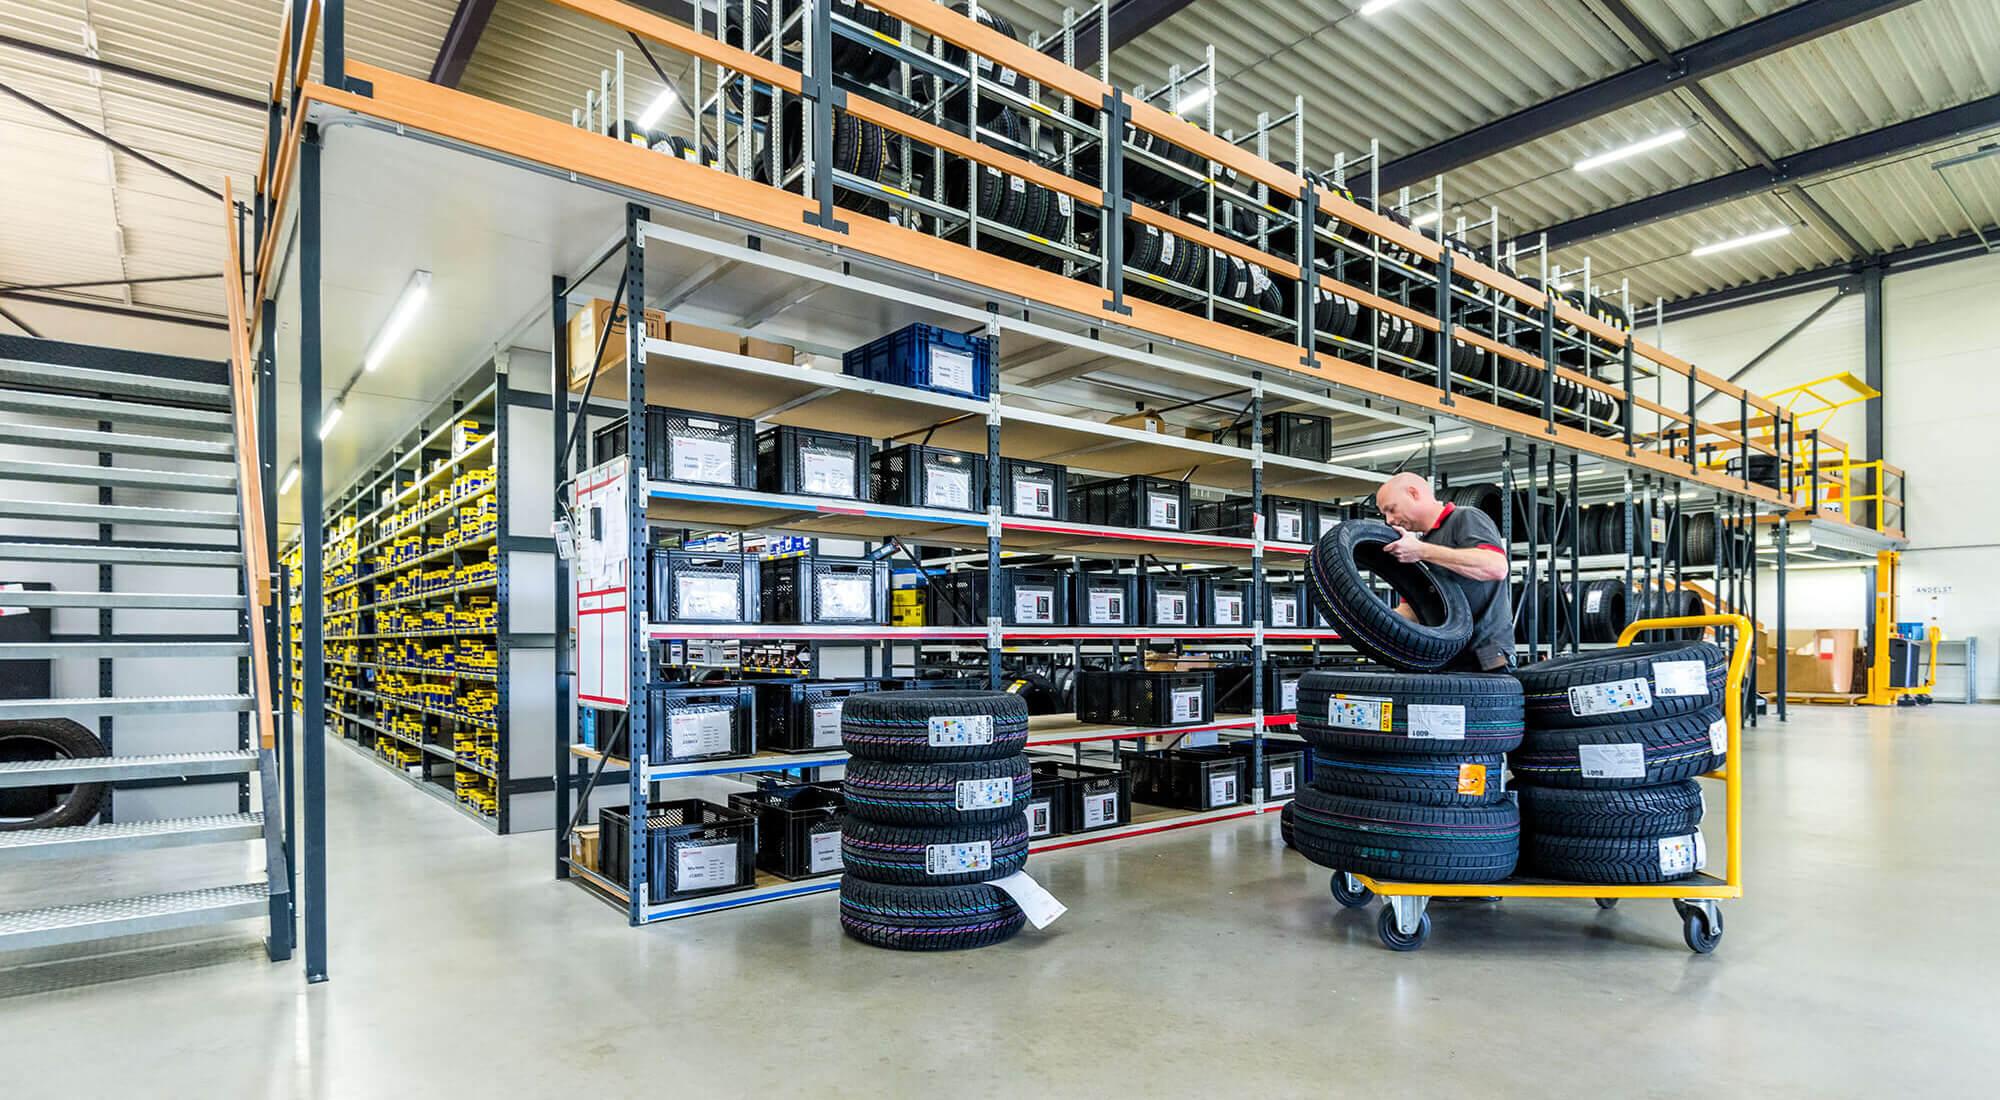 https://www.allianceautomotivegroupbenelux.com/wp-content/uploads/2016/12/partspoint_staadegaard_wijchen-13-van-15.jpg